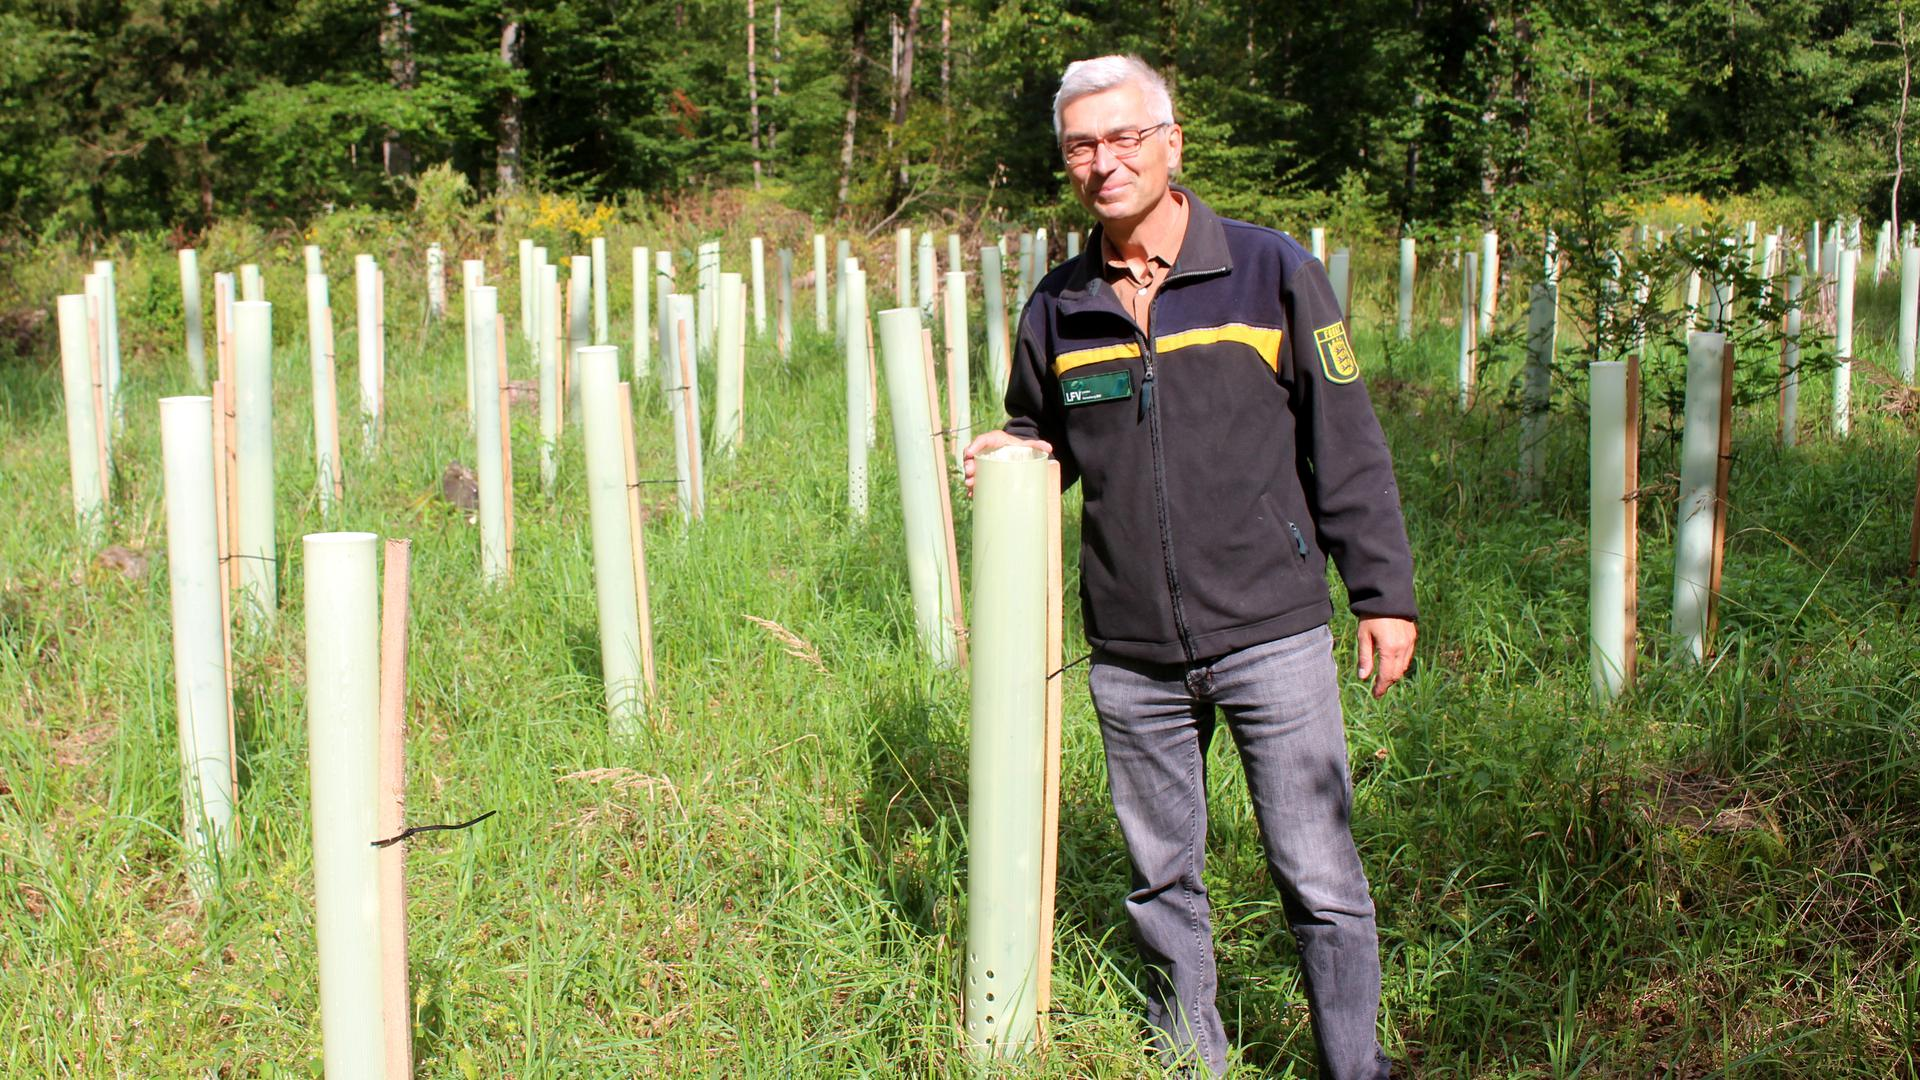 Martin Moosmayer, Leiter des Forstamts Kreis Karlsruhe, hier bei Neupflanzungen von Traubeneichen, Spitzahorn und Douglasien im Gemeindewald Graben-Neudorf.